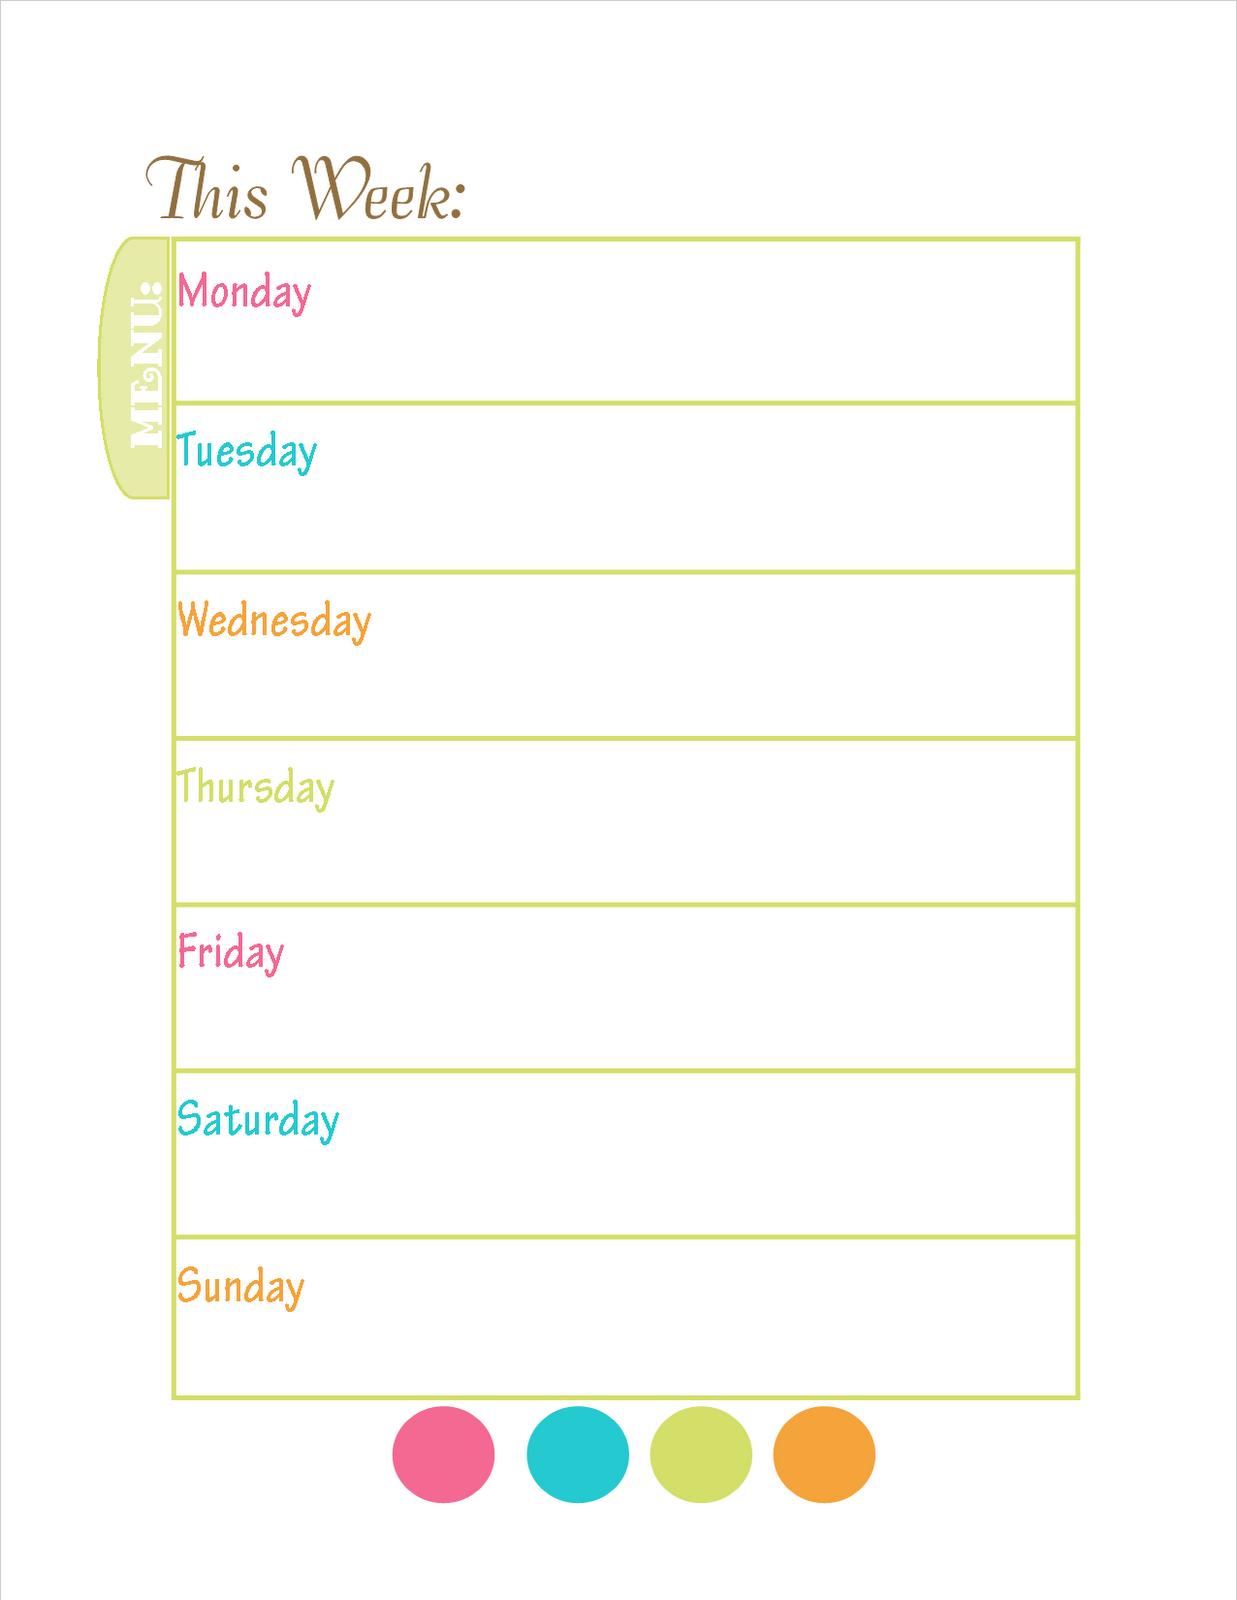 Weekly Dinner Menu Template gallery weekly dinner menu template – Free Weekly Menu Templates